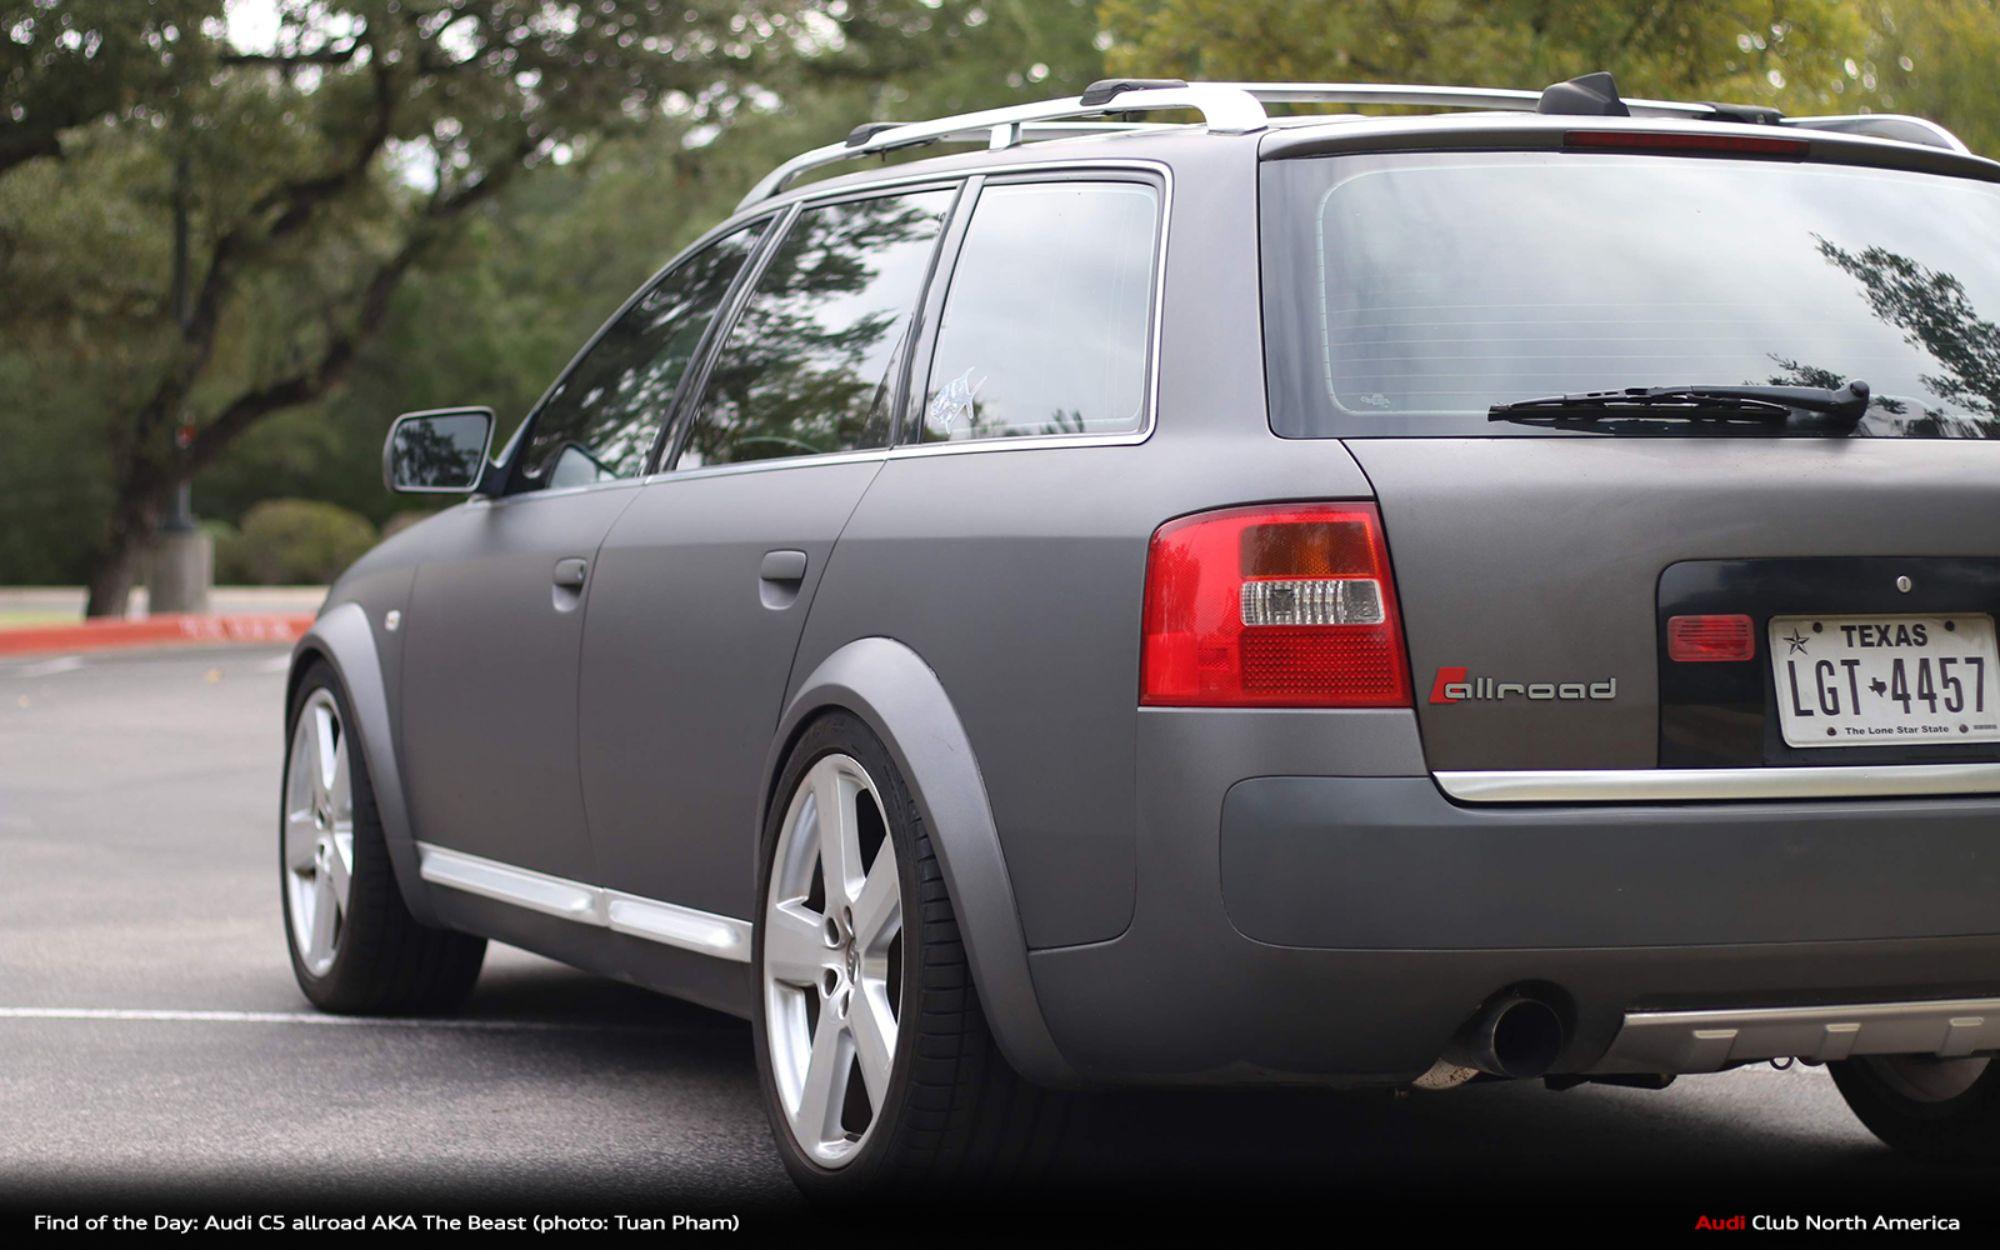 Kelebihan Audi C5 Spesifikasi